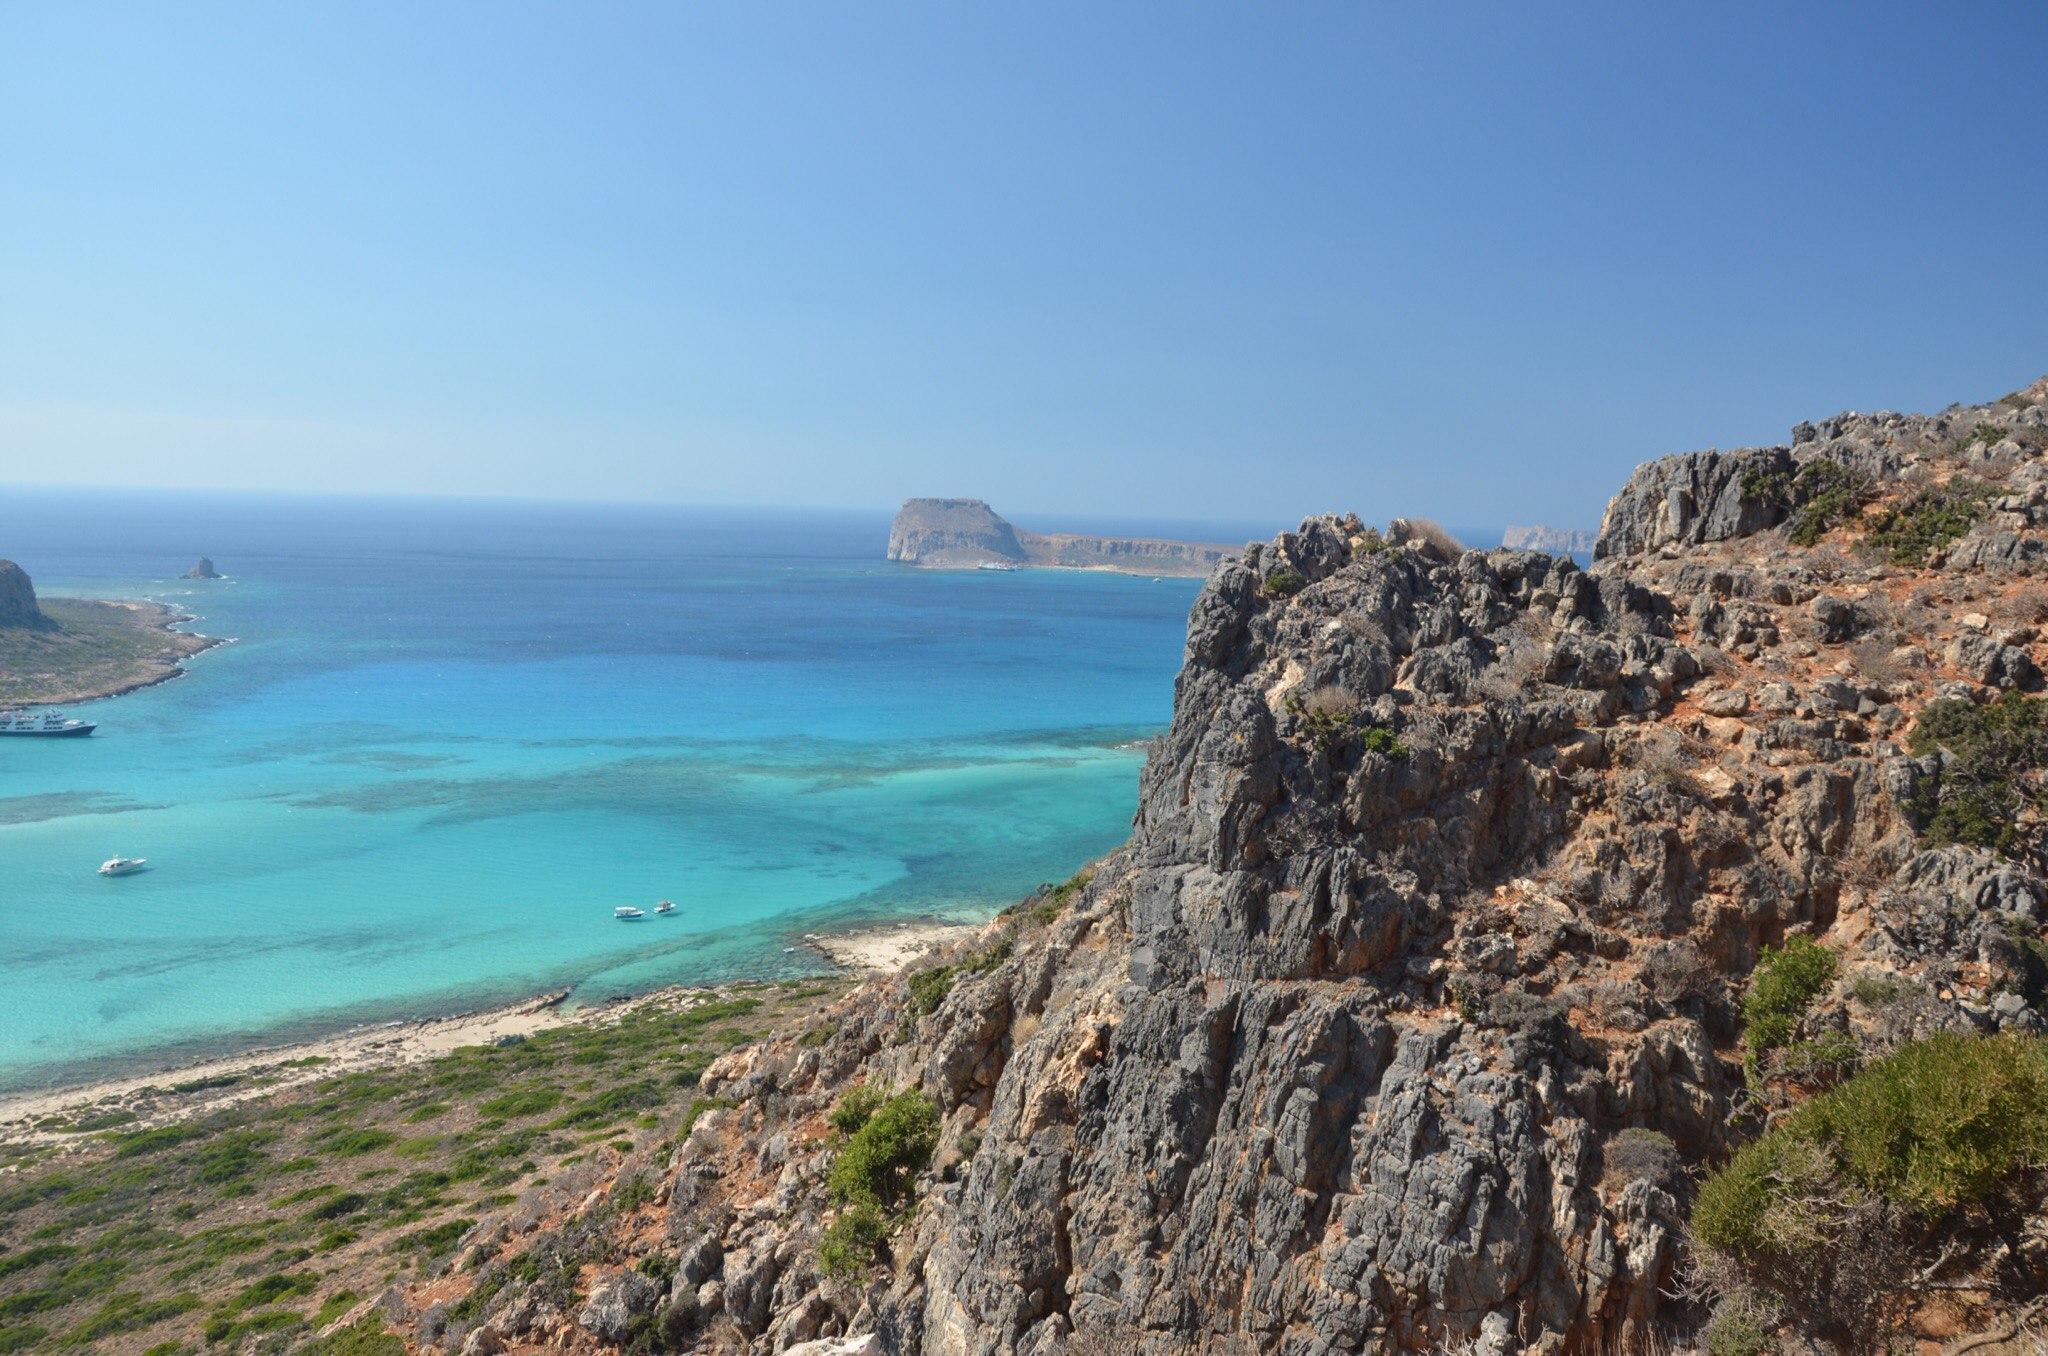 YYLOJxG4V-E Балос - лучший пляж на Крите.